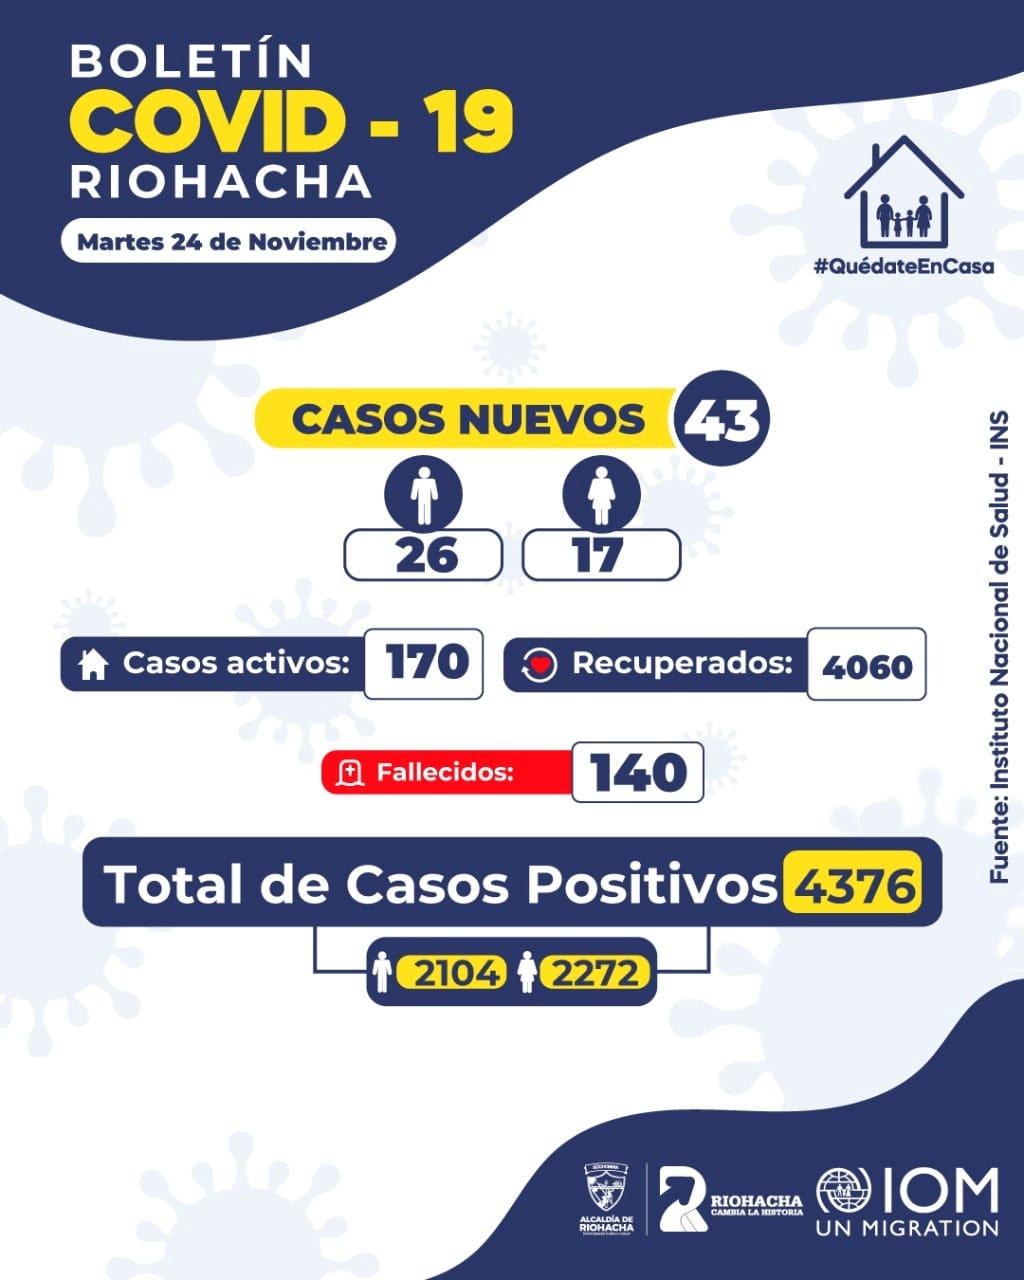 https://www.notasrosas.com/En Riohacha: información sobre la Covid-19, 24-11-2020